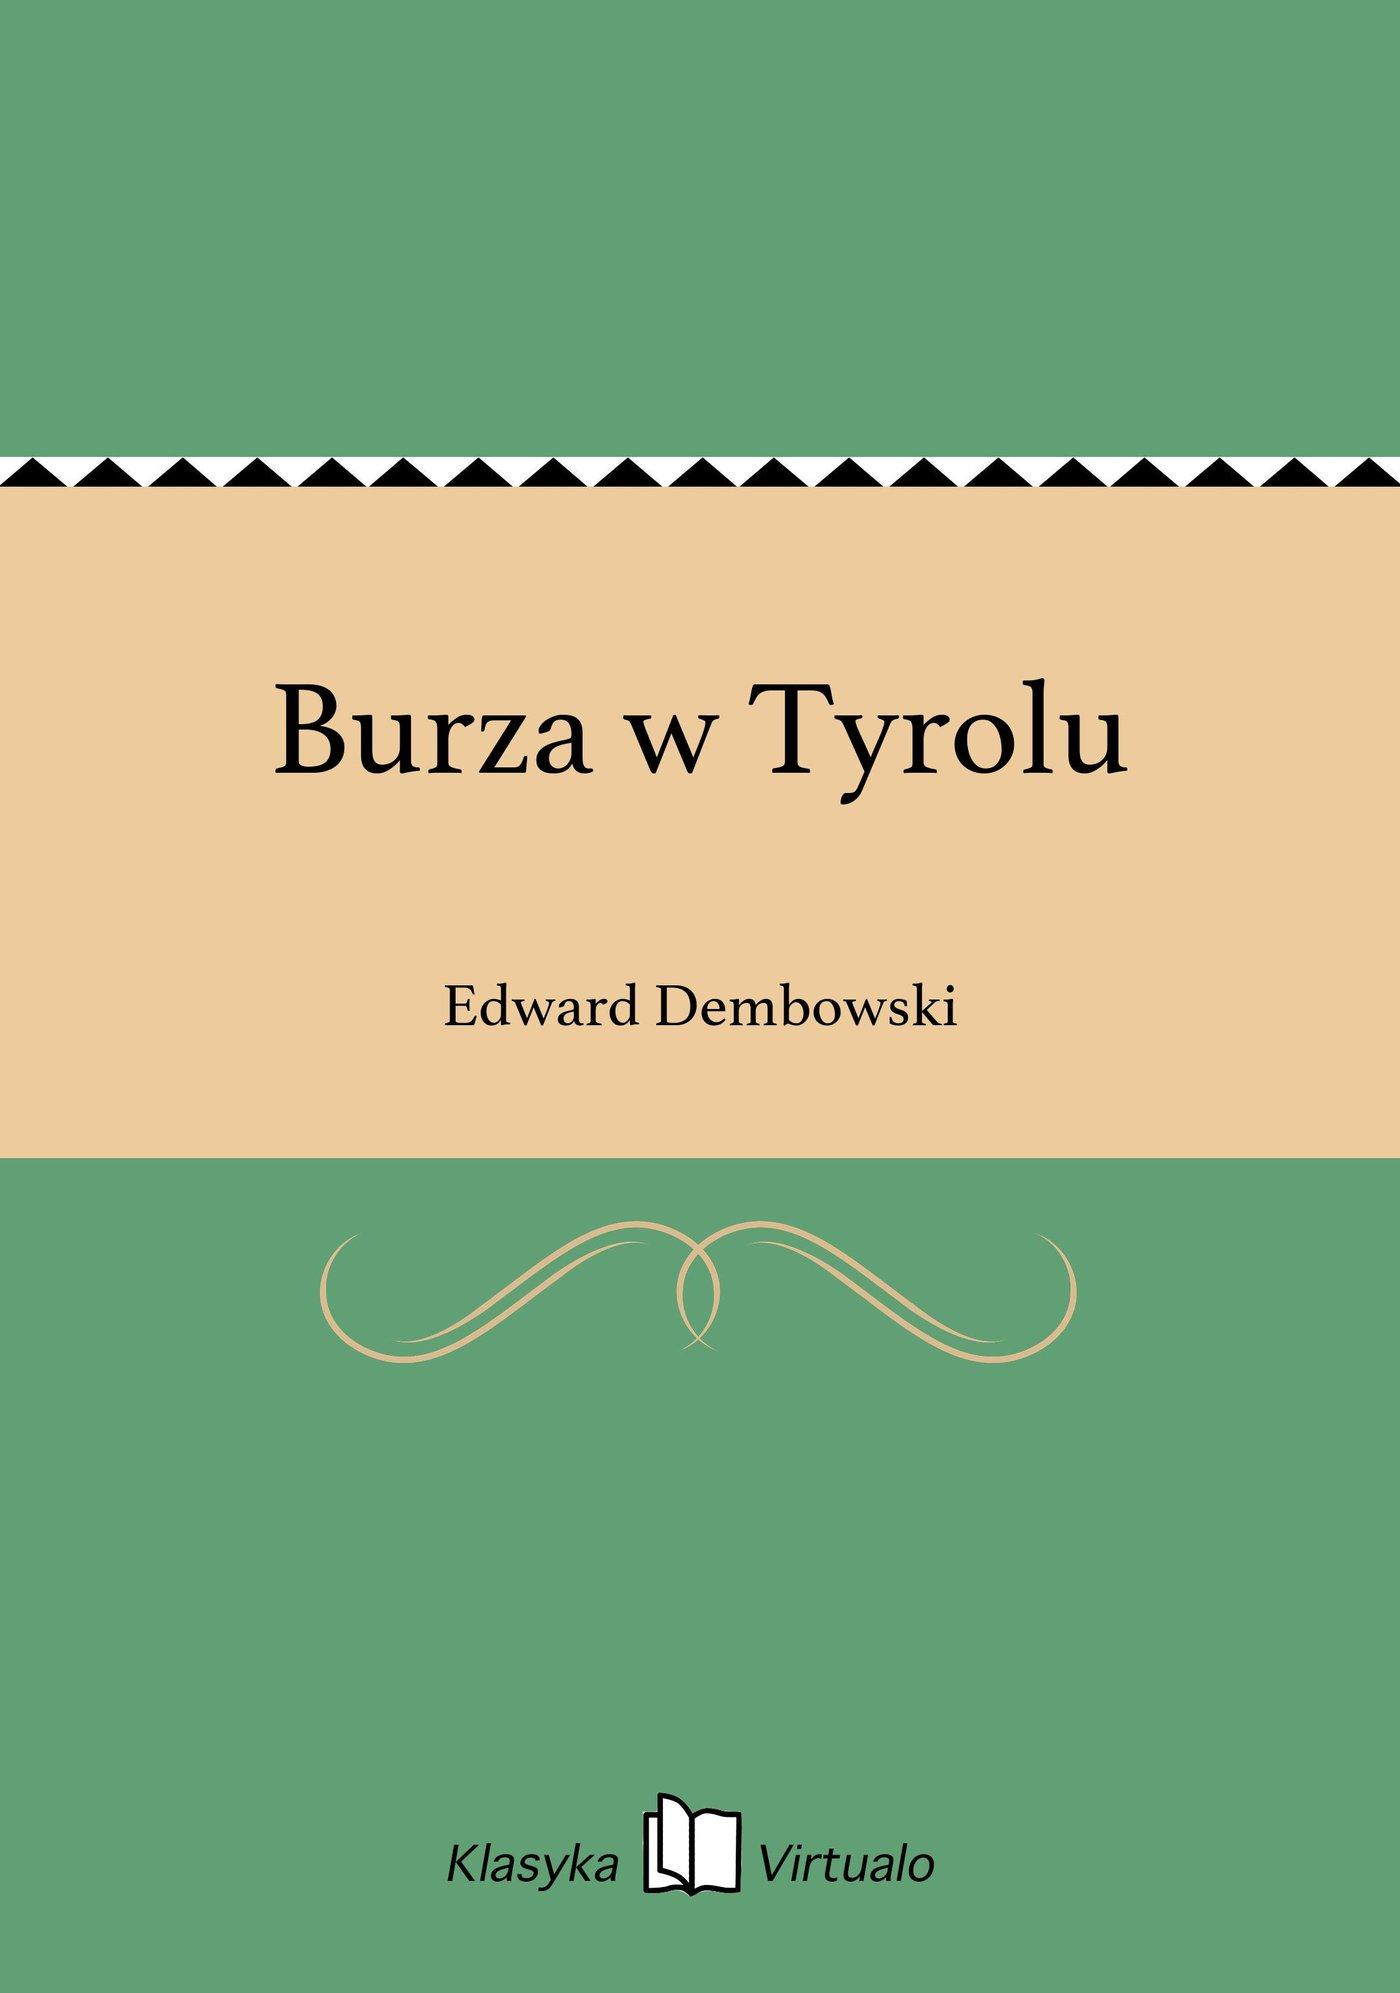 Burza w Tyrolu - Ebook (Książka na Kindle) do pobrania w formacie MOBI